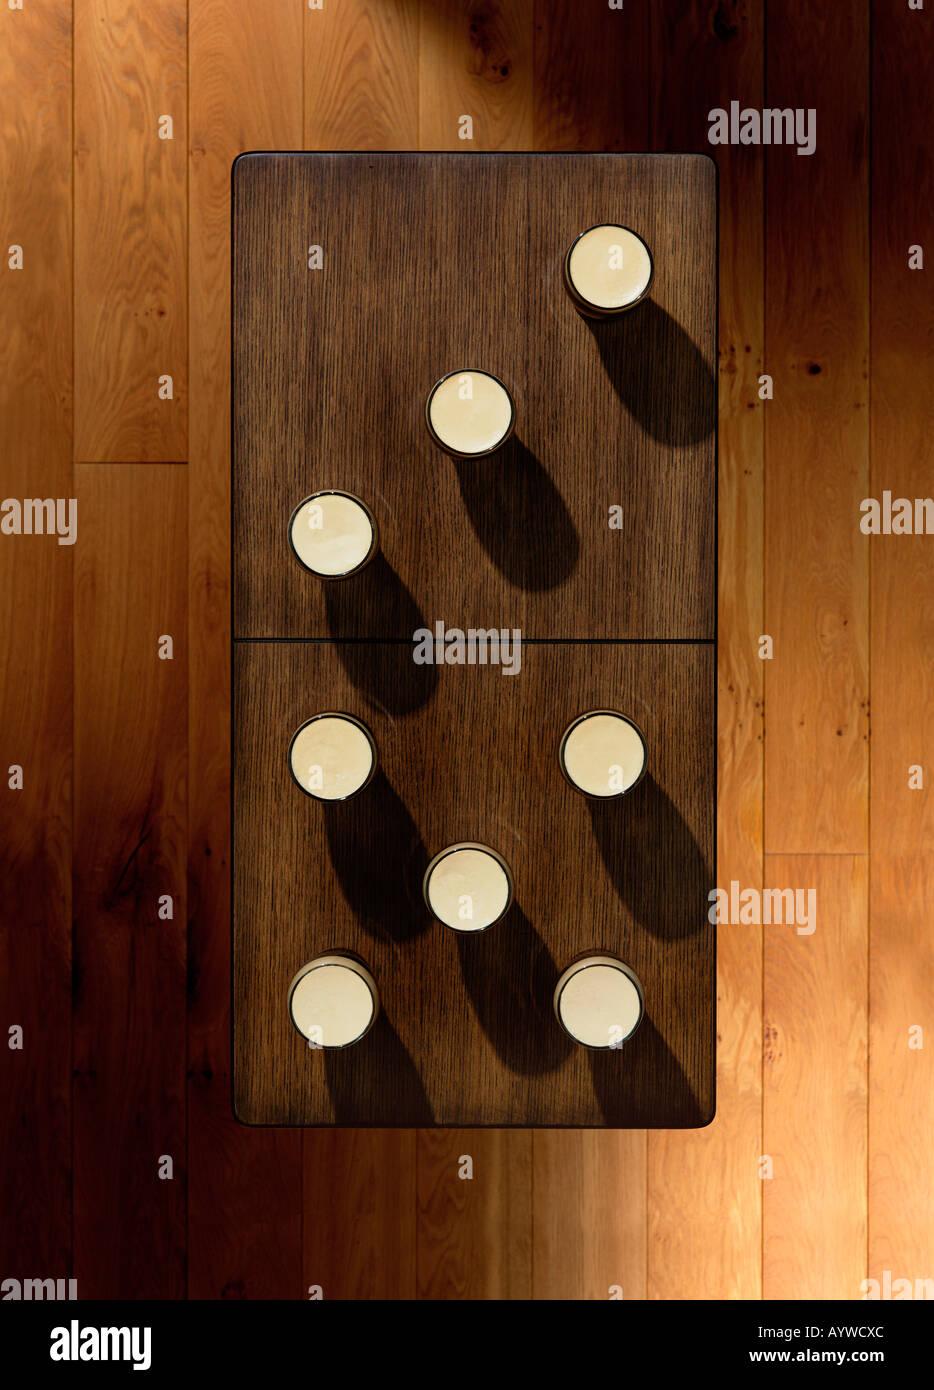 Un overhead shot di una tabella con alcune pinte di posto su di esso anche per apparire come un domino Immagini Stock